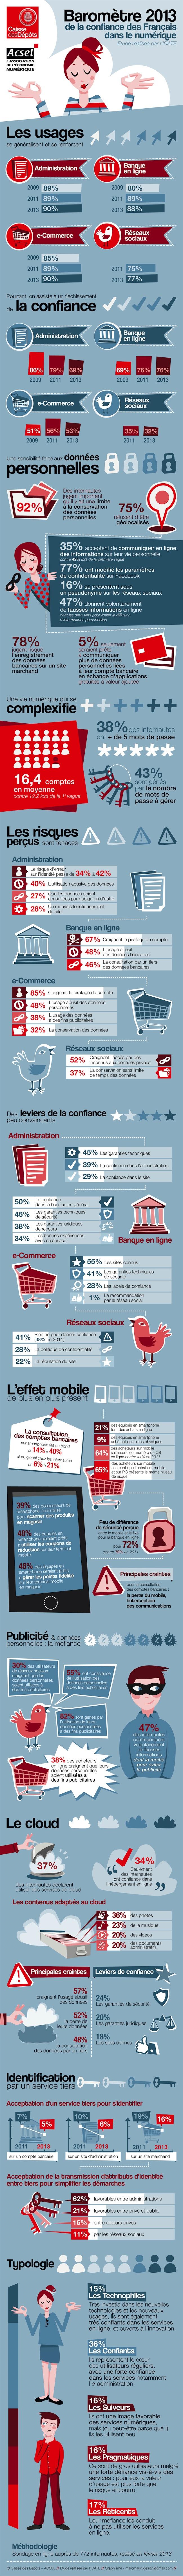 Résultats de la 3ème édition du BAROMETRE CAISSE DES  DEPOTS/ACSEL sur la confiance des Français dans le numérique : Erosion de la confiance des Français dans les services en ligne